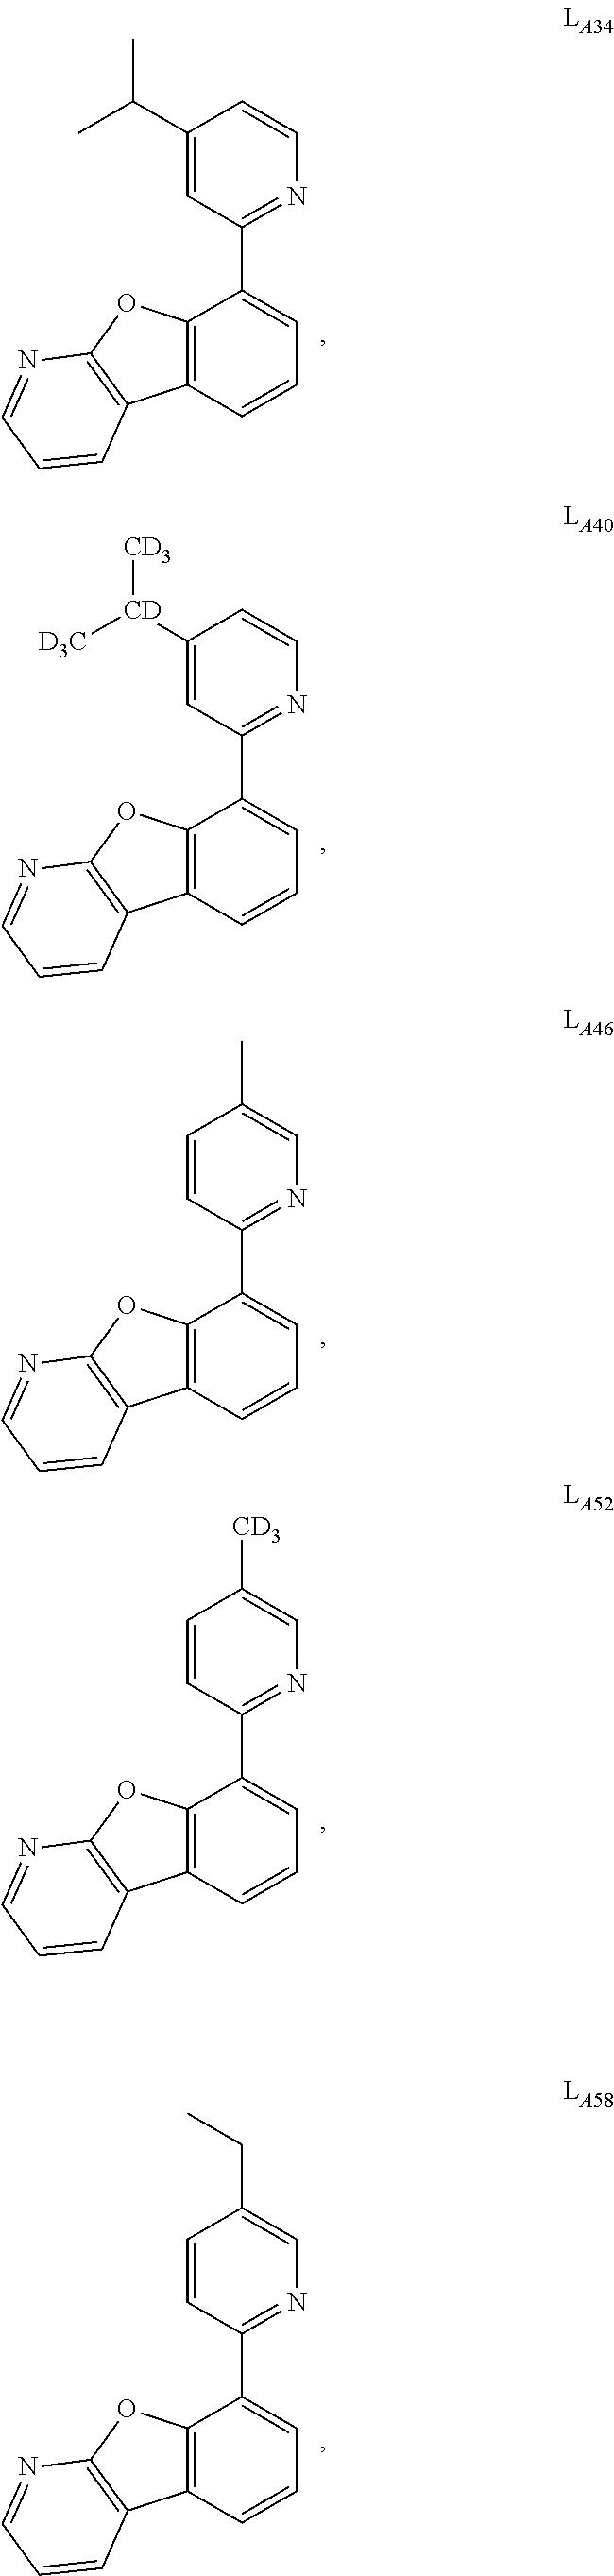 Figure US09634264-20170425-C00302